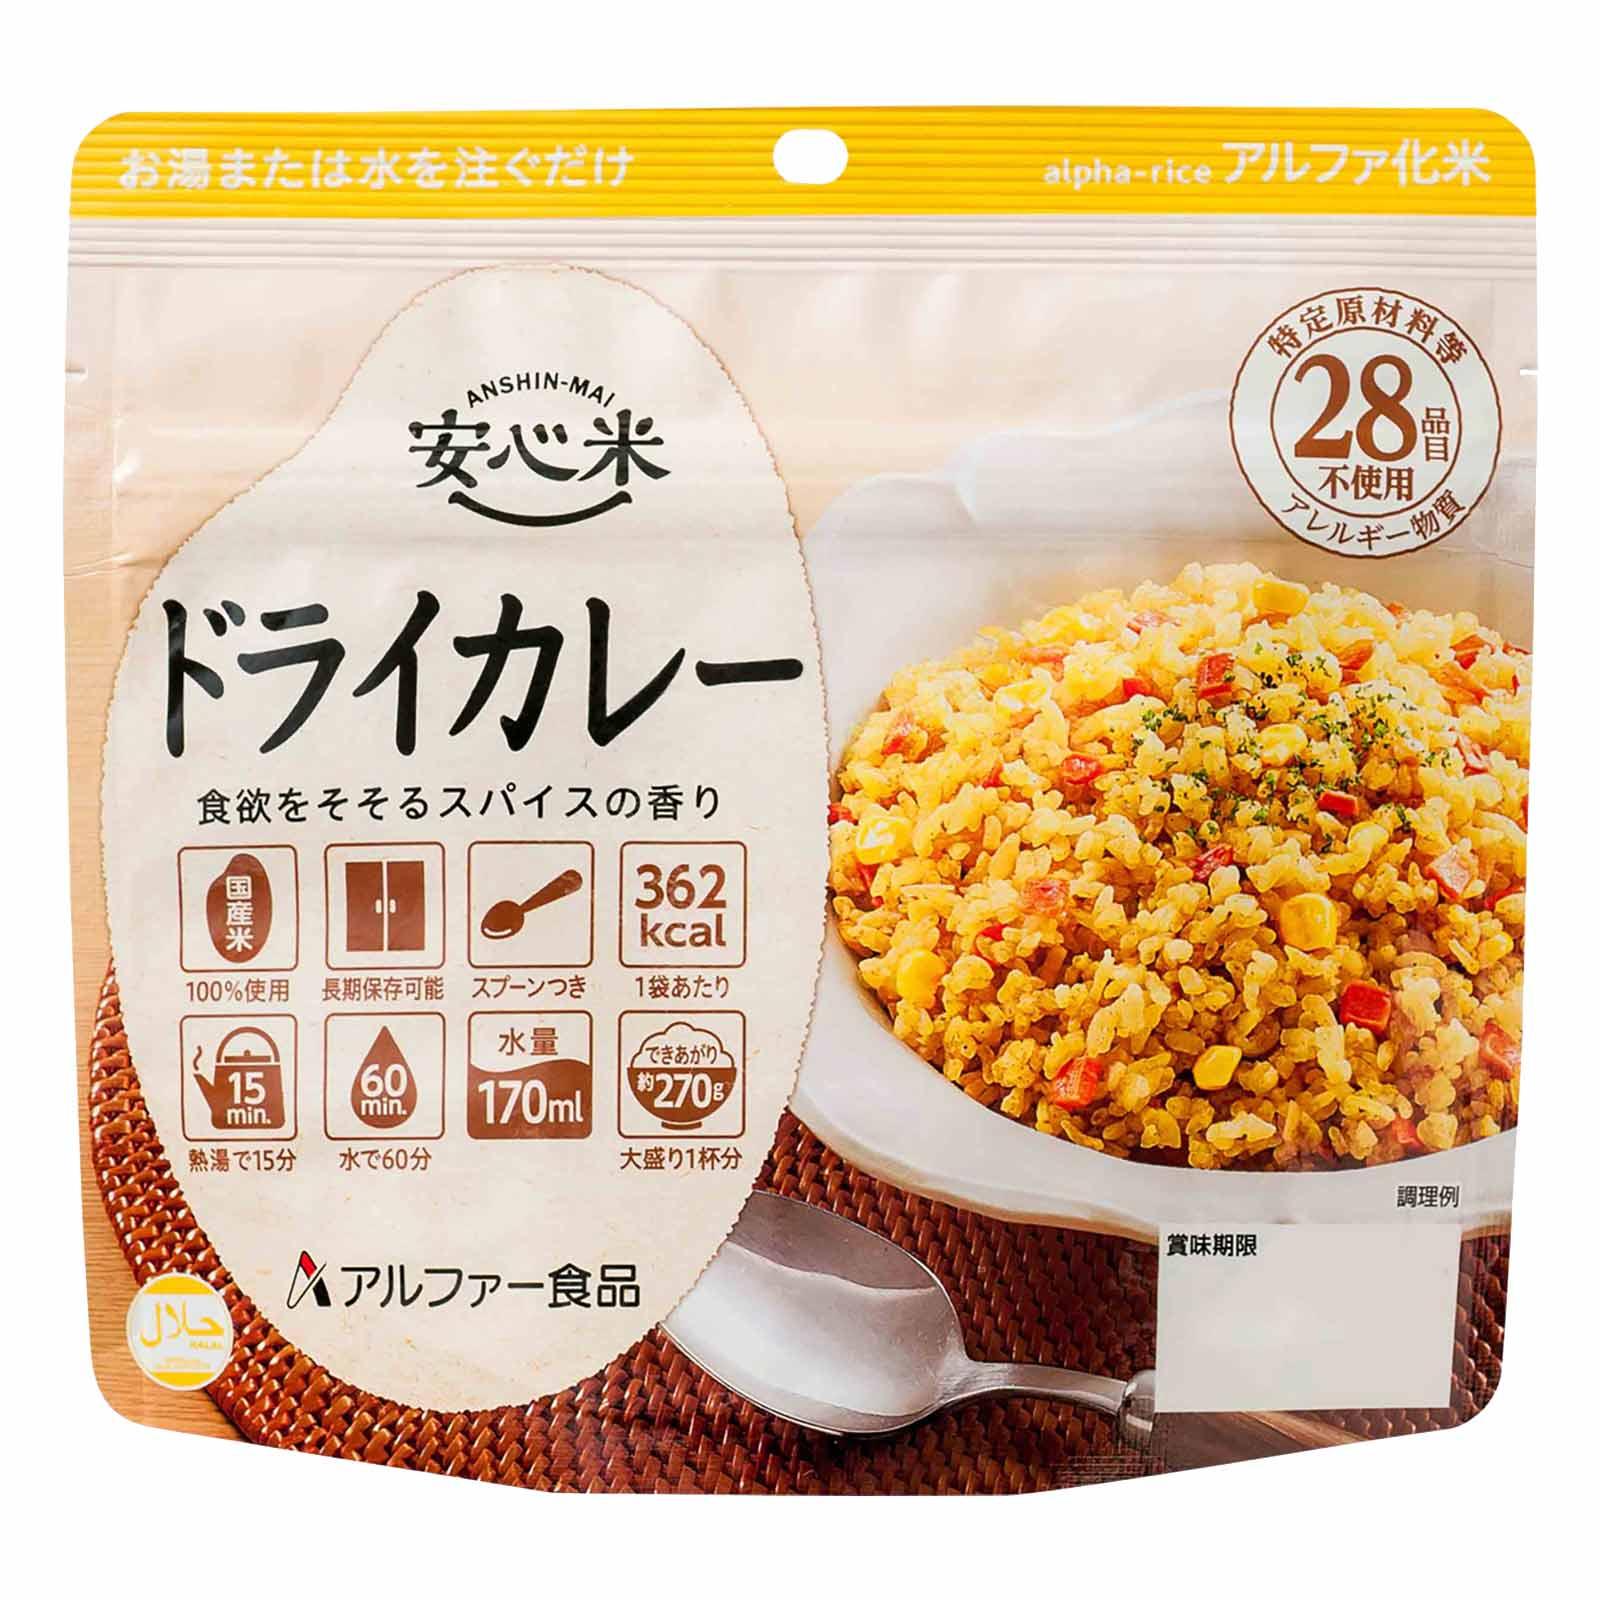 安心米(アルファ化米)個食 ドライカレー画像